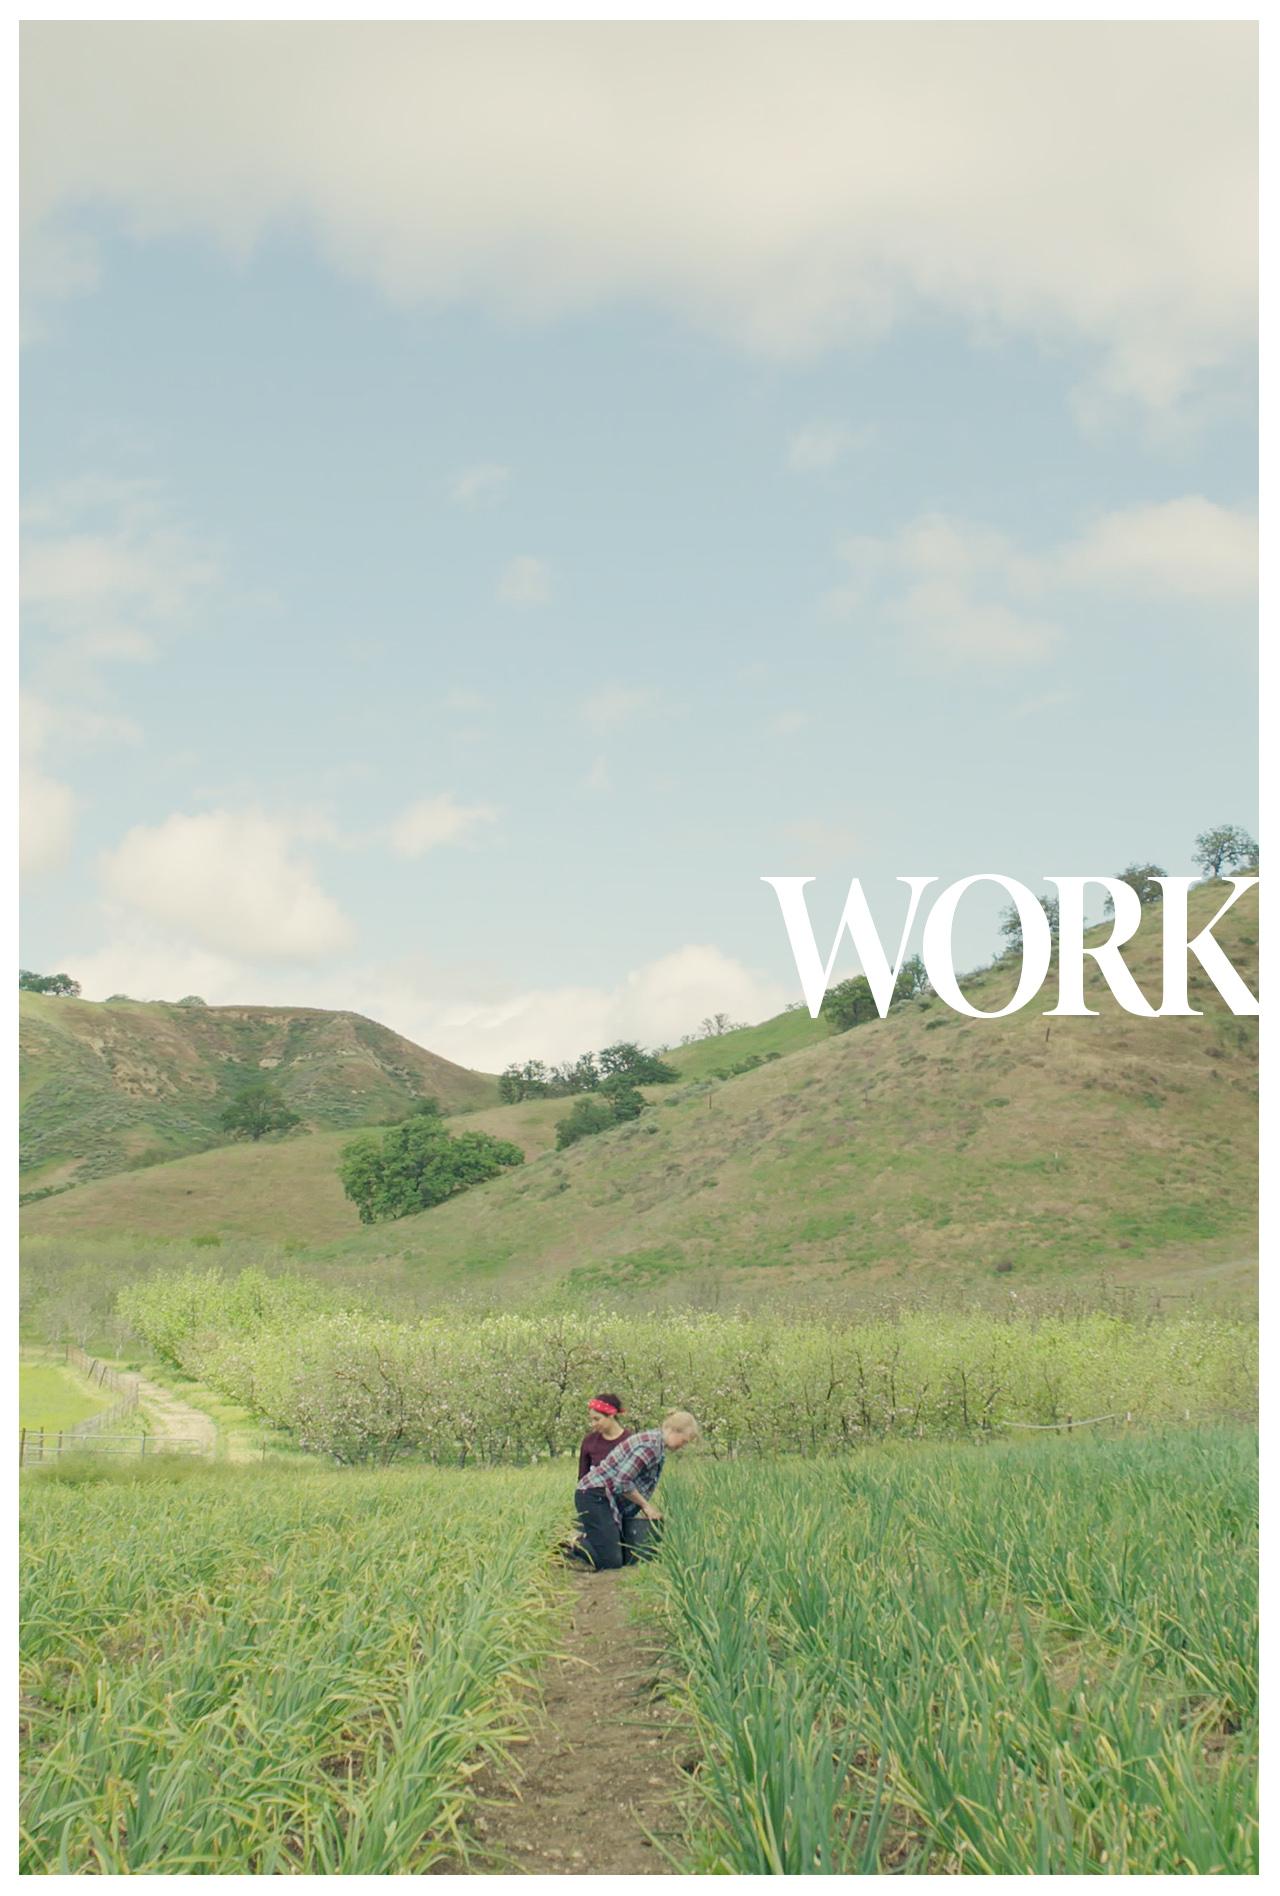 workstill